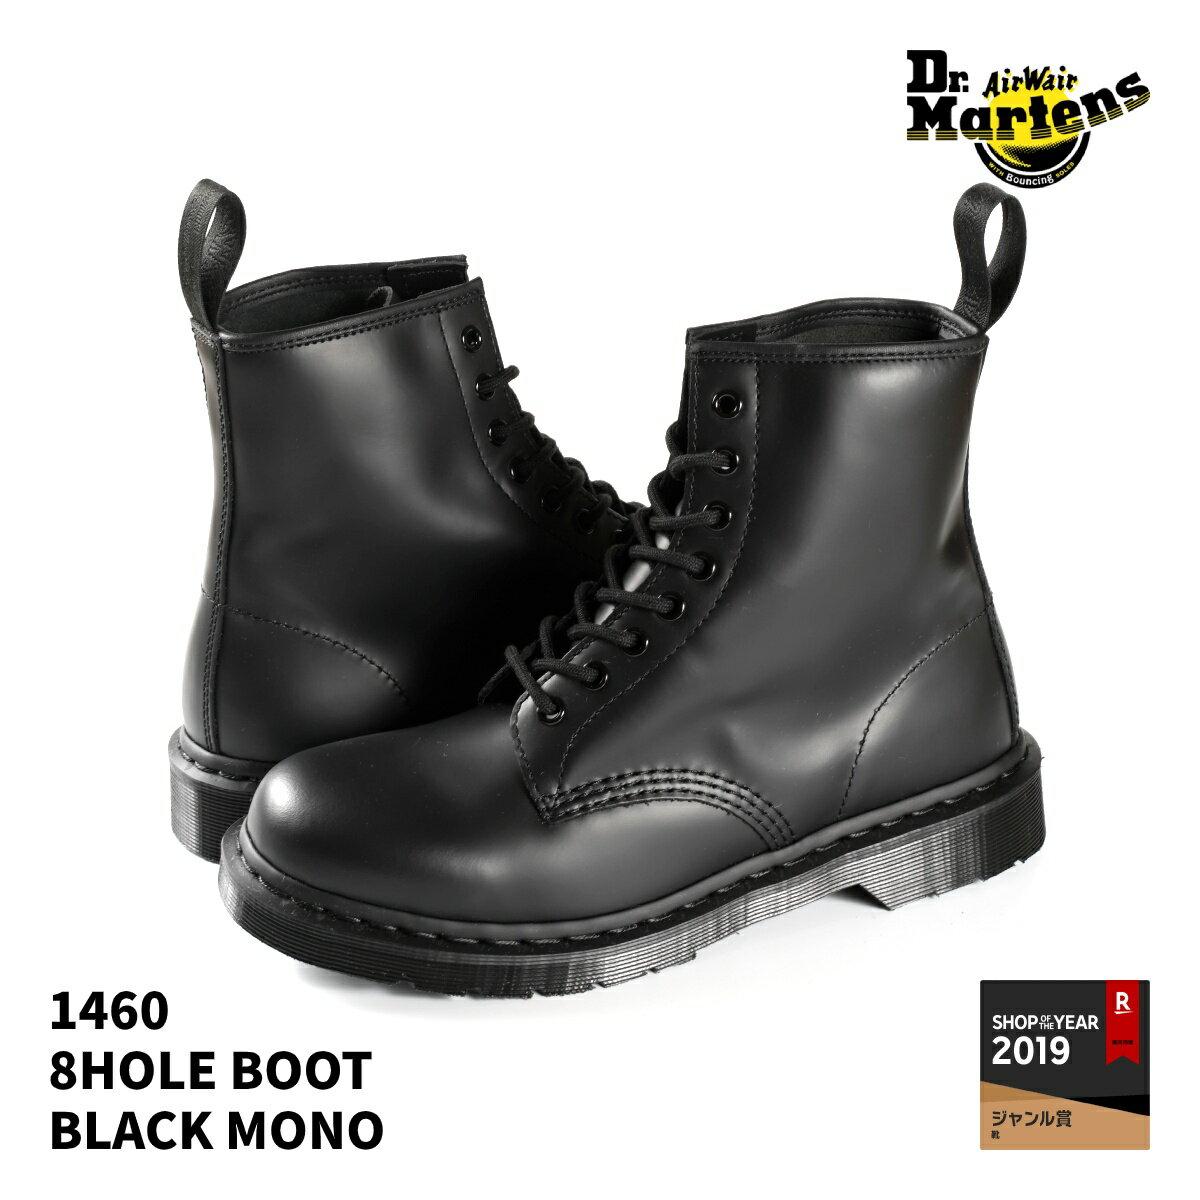 【毎日がお得!値下げプライス】Dr.Martens 8HOLE BOOT 1460 14353001 ドクターマーチン 8ホール ブーツ BLACK MONO 【即日発送】【Dr.Martensドクターマーチン】定番の 8HOLE BOOTS ブラック メンズ靴 ブーツ 14353001 BLACK